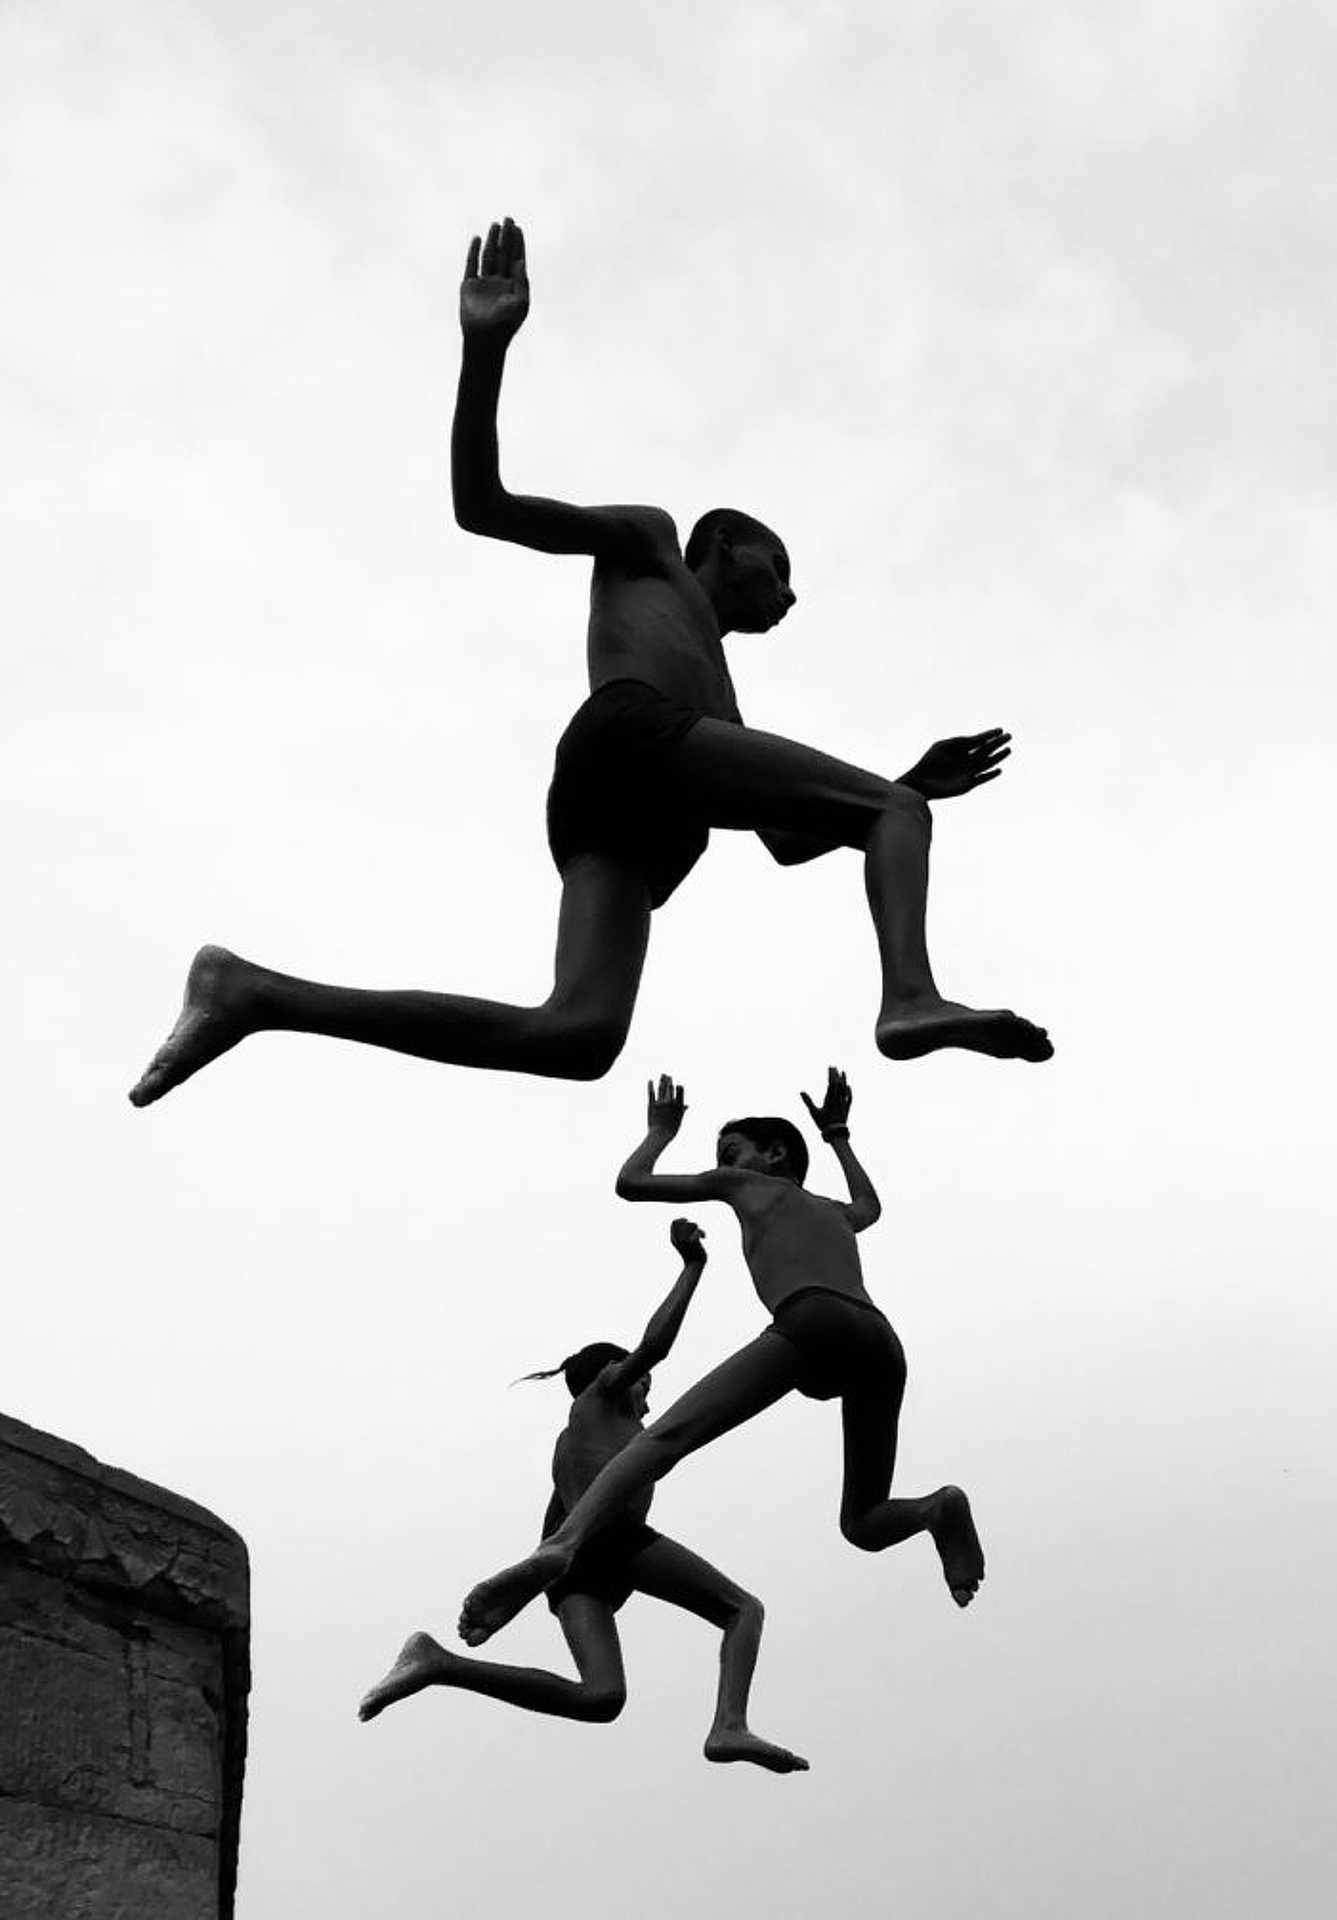 Év képe (nagydíjas) - Dimpy Bhalotia: 'Flying Boys'